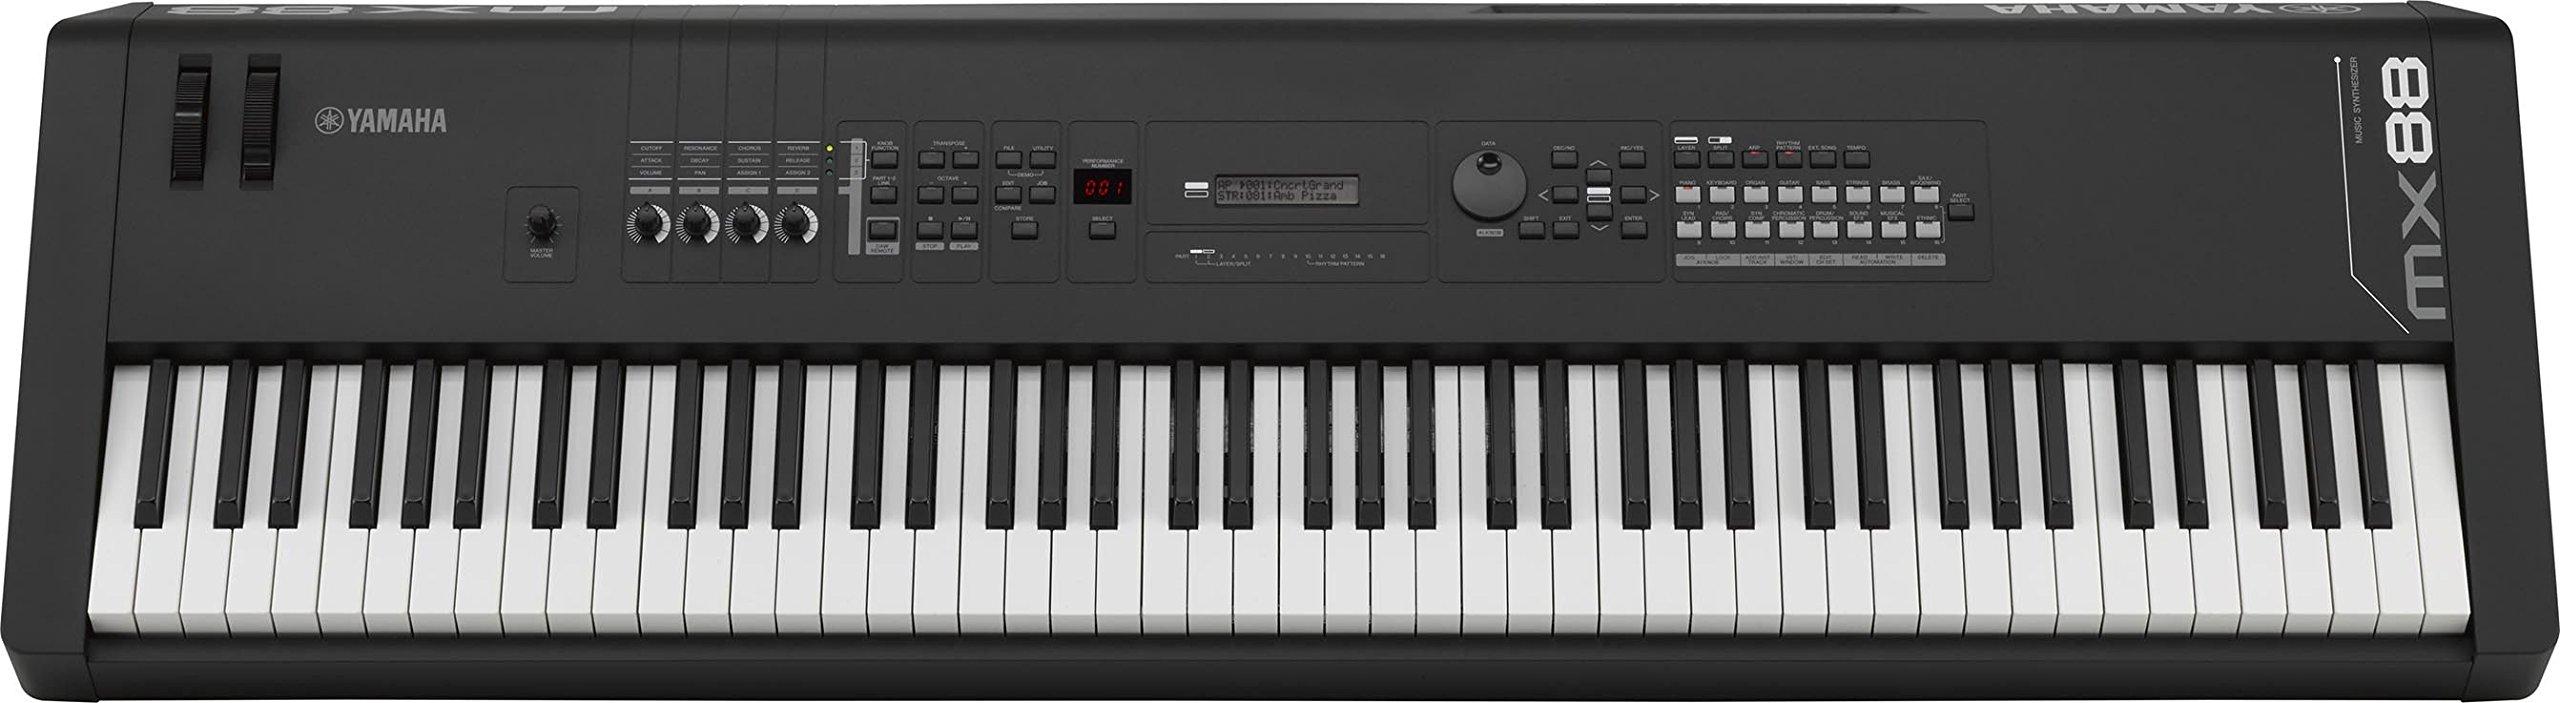 Yamaha MX88 88-Key Weighted Action Synthesizer by YAMAHA